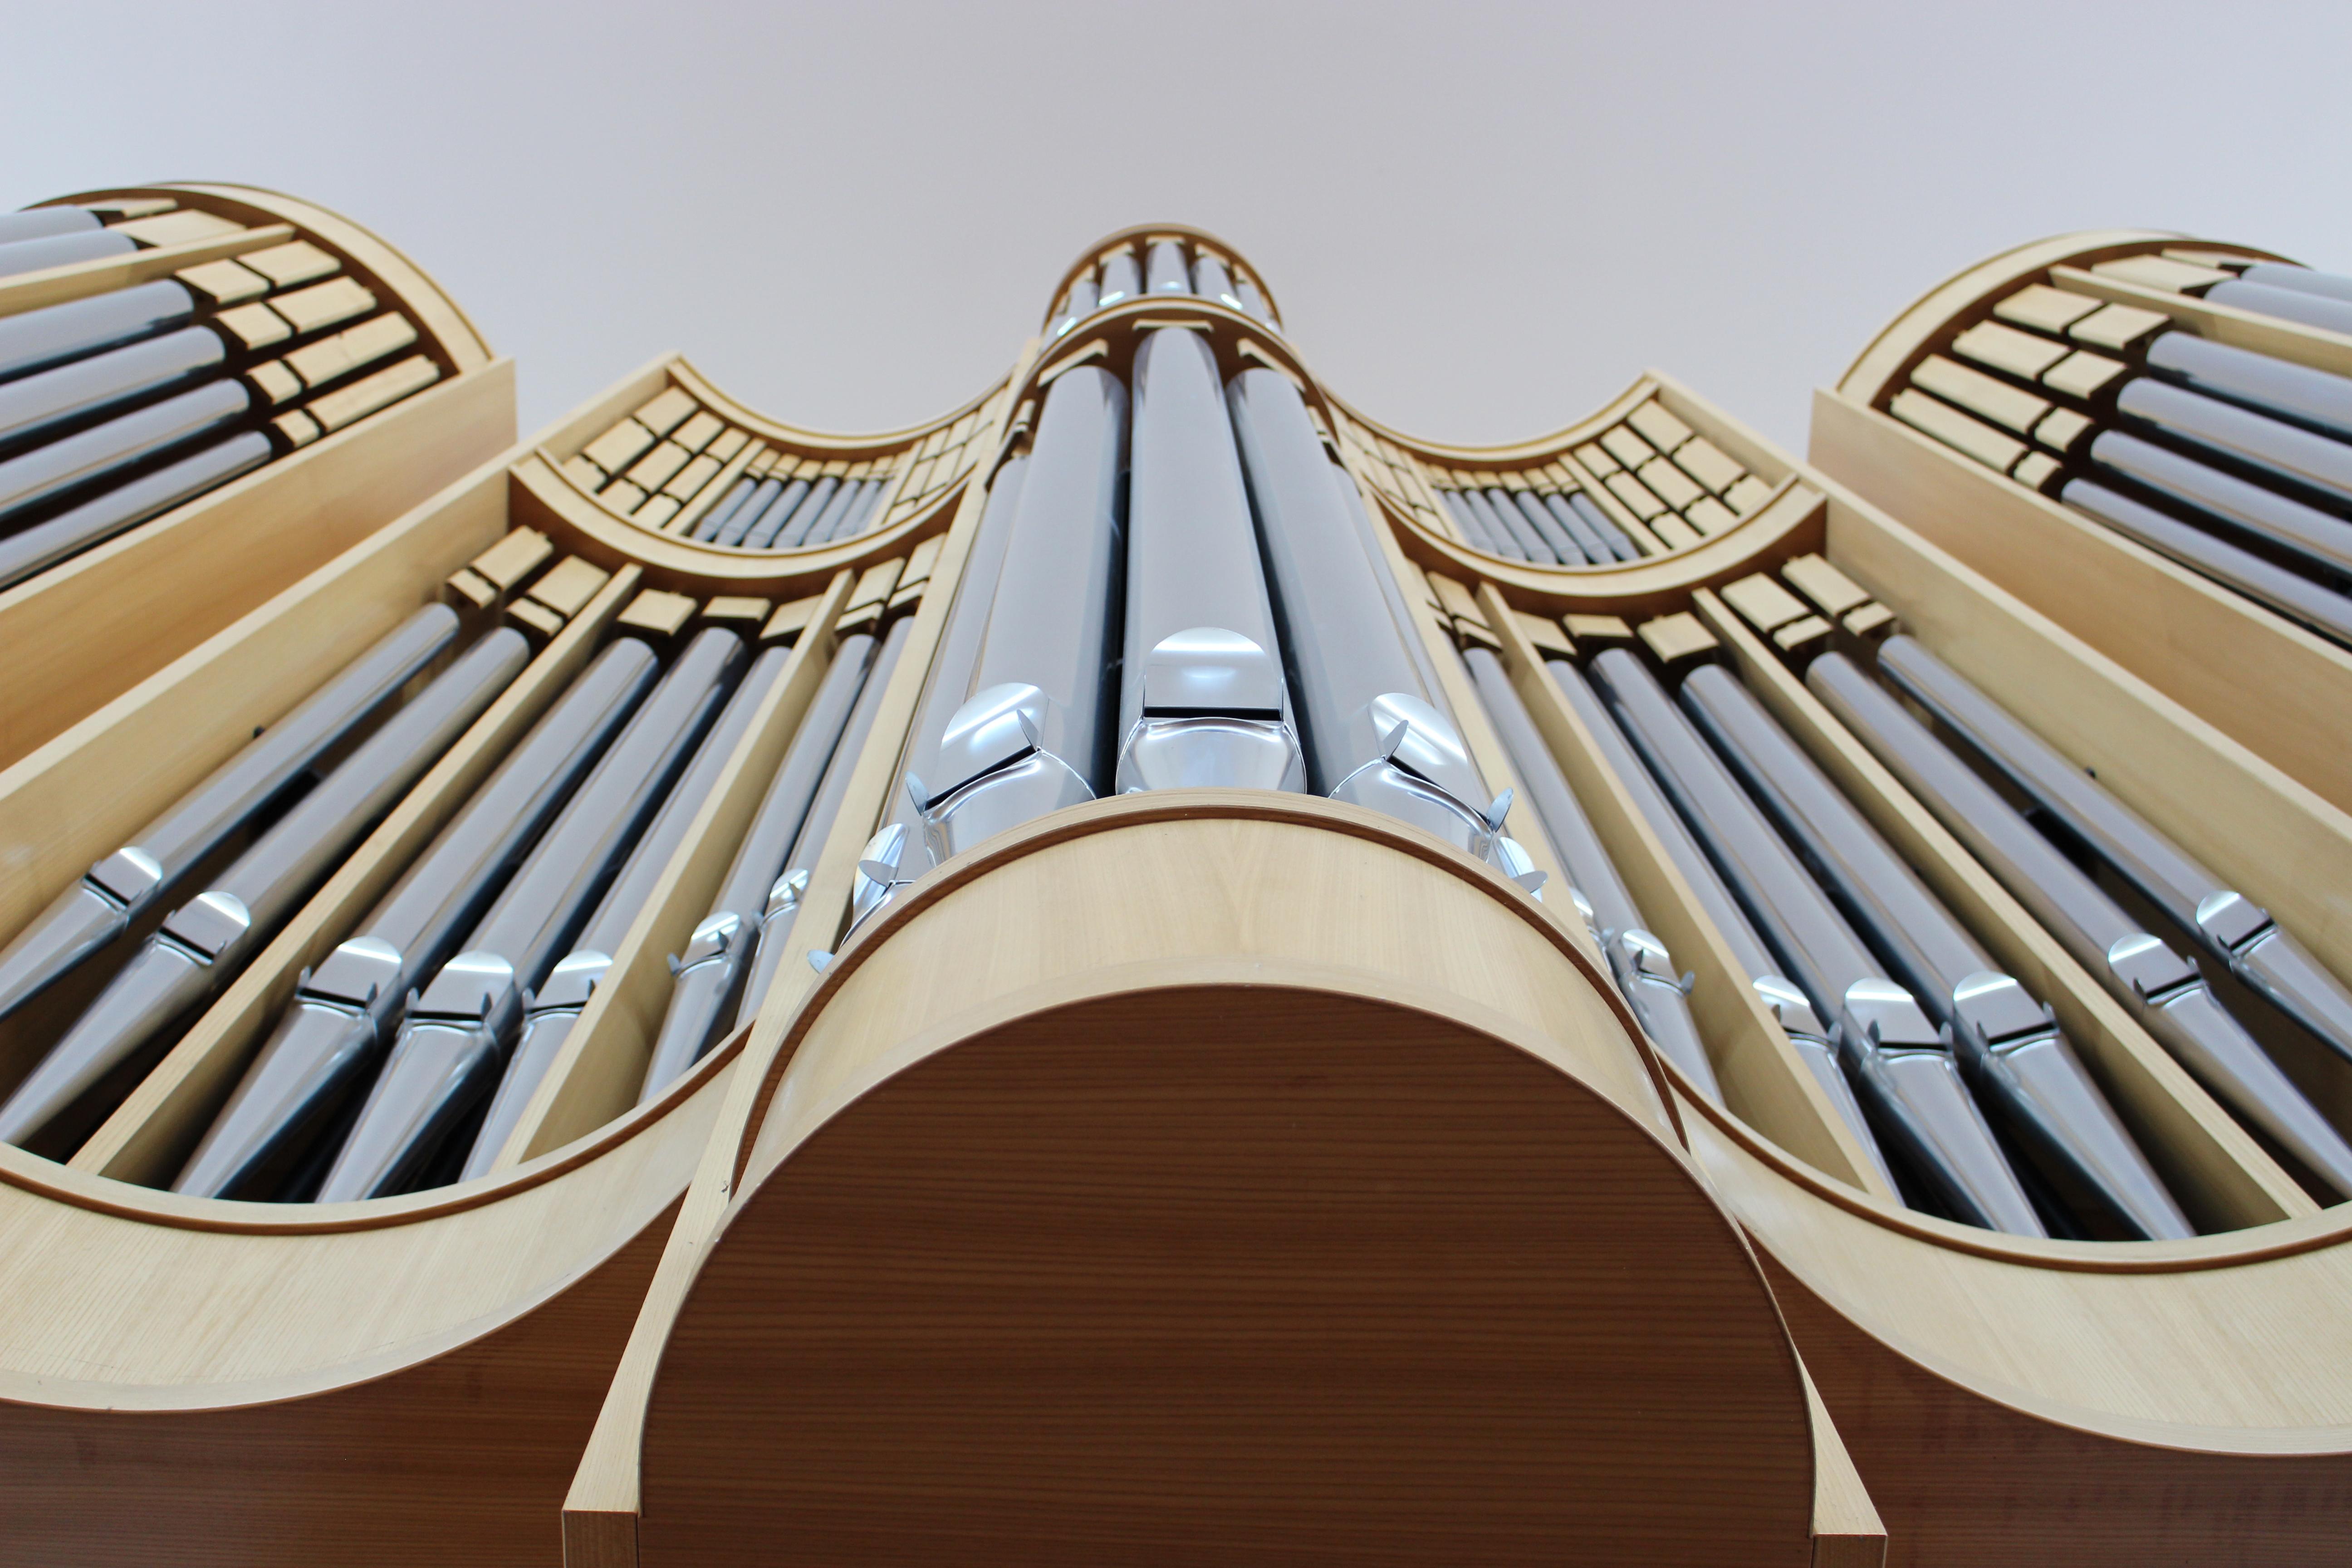 Orgel in der Kirche Wartenberg